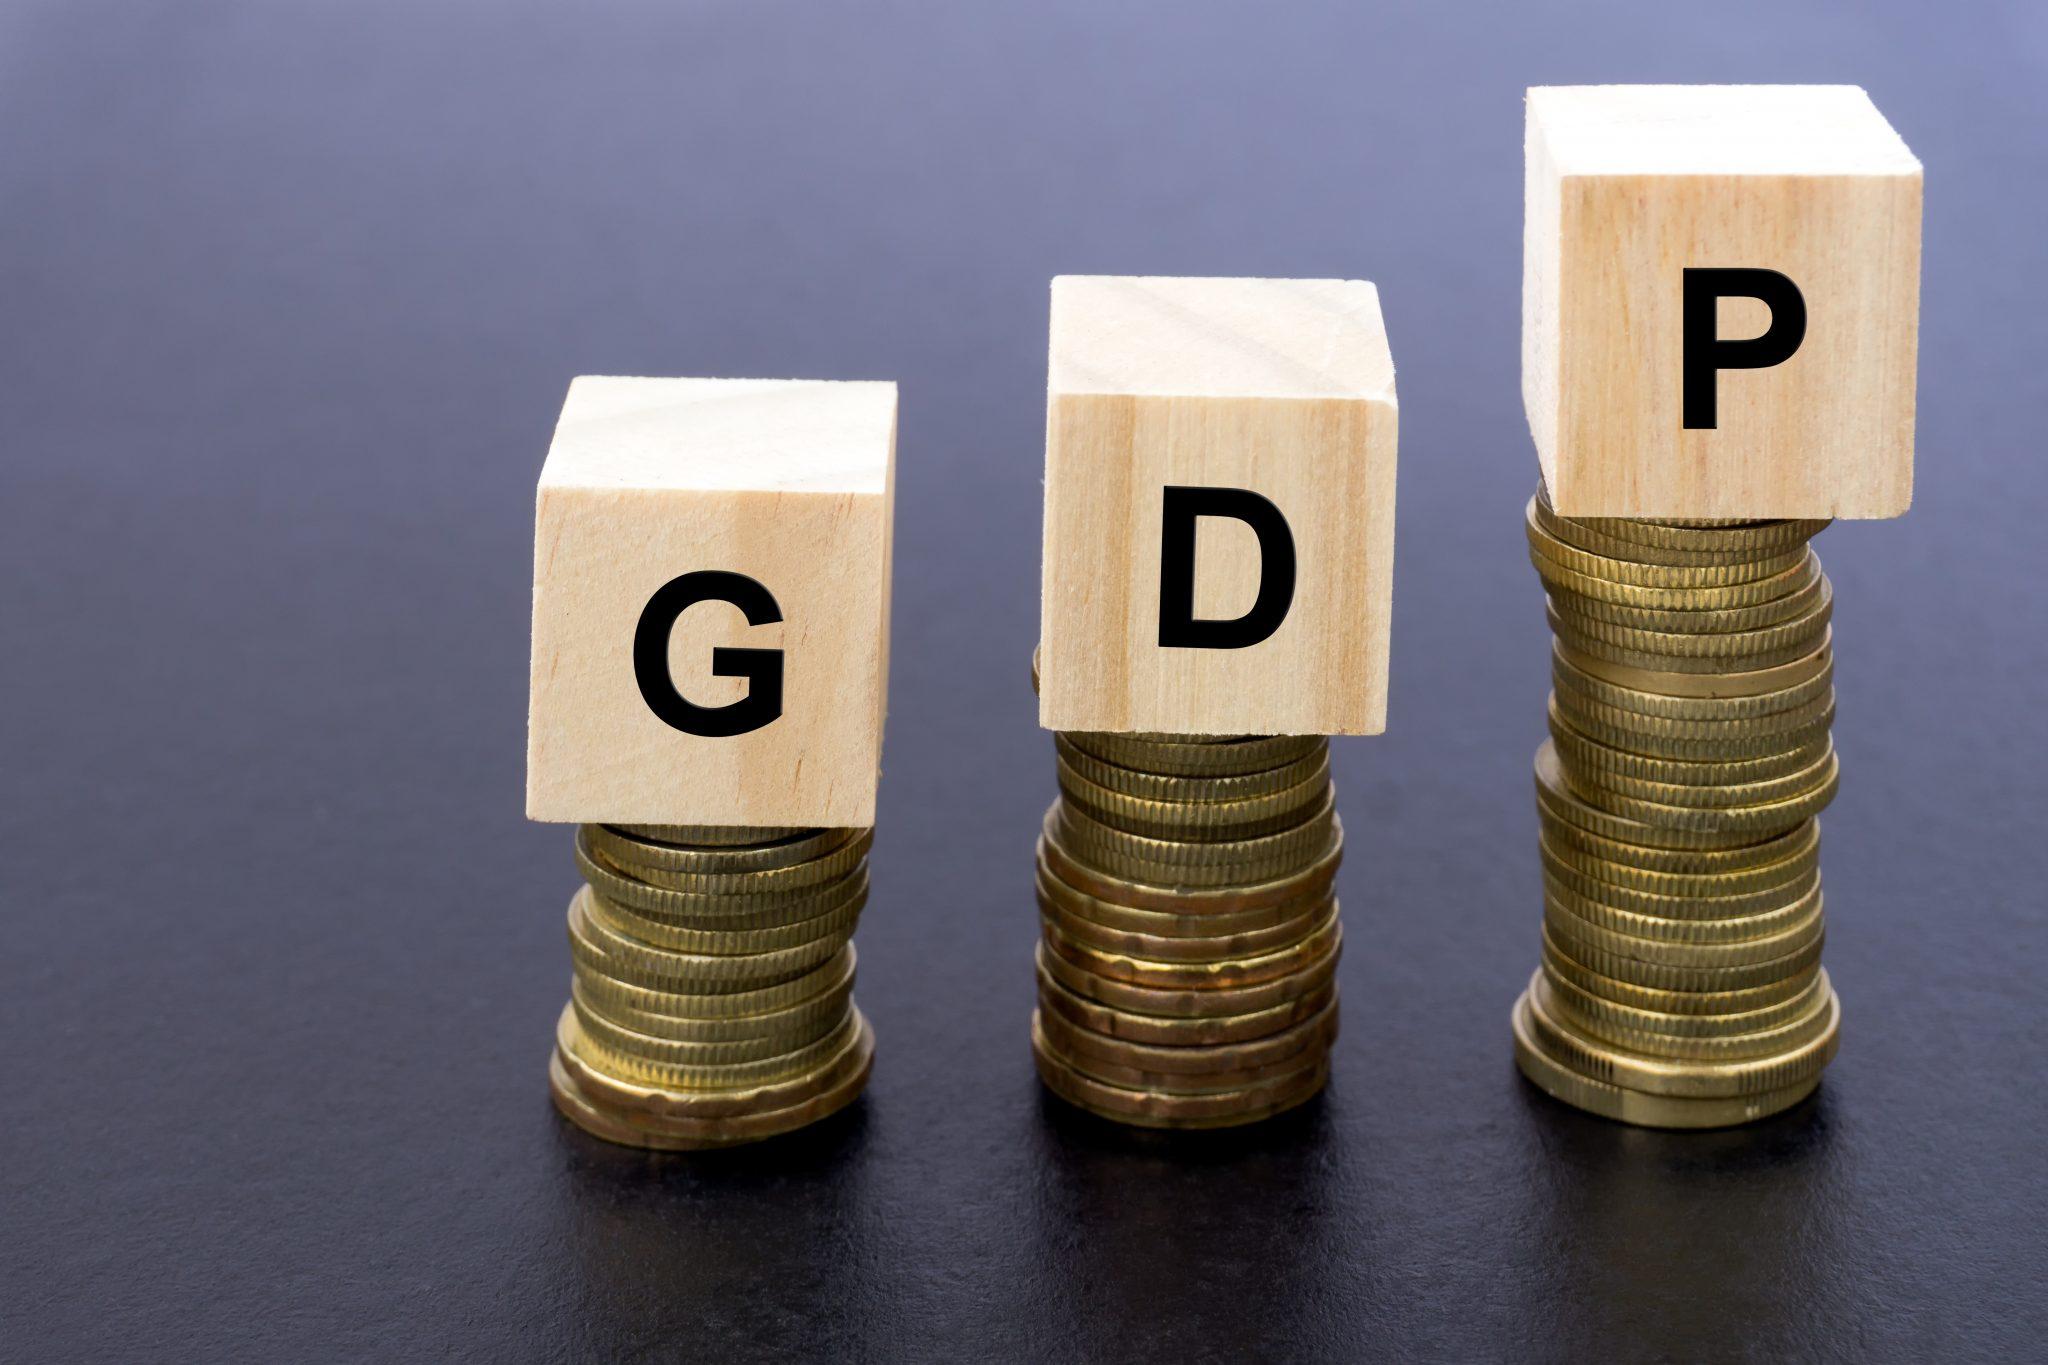 成都历年gdp_2020年成都GDP增长4.0%